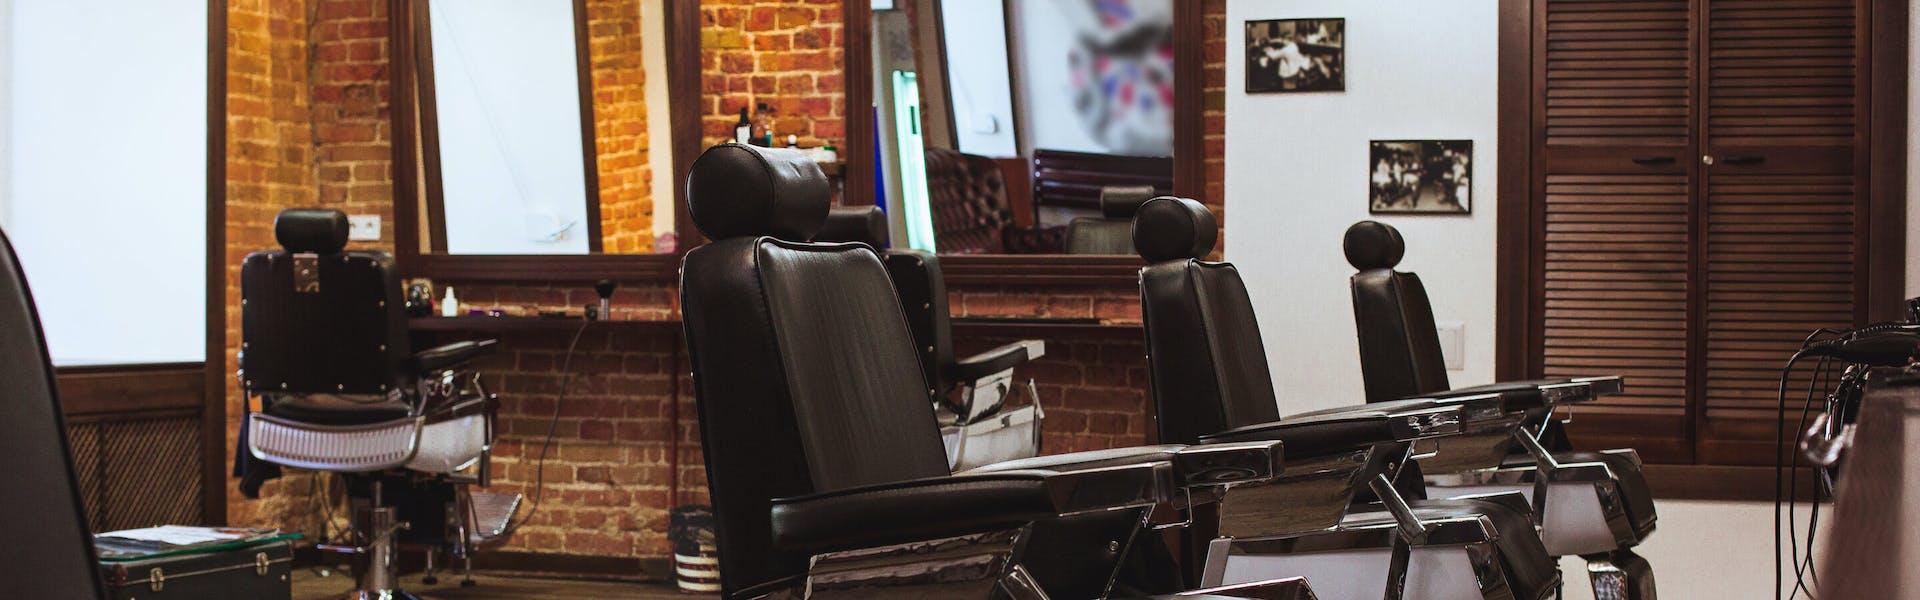 Komplett bokningssystem för din frisörsalong